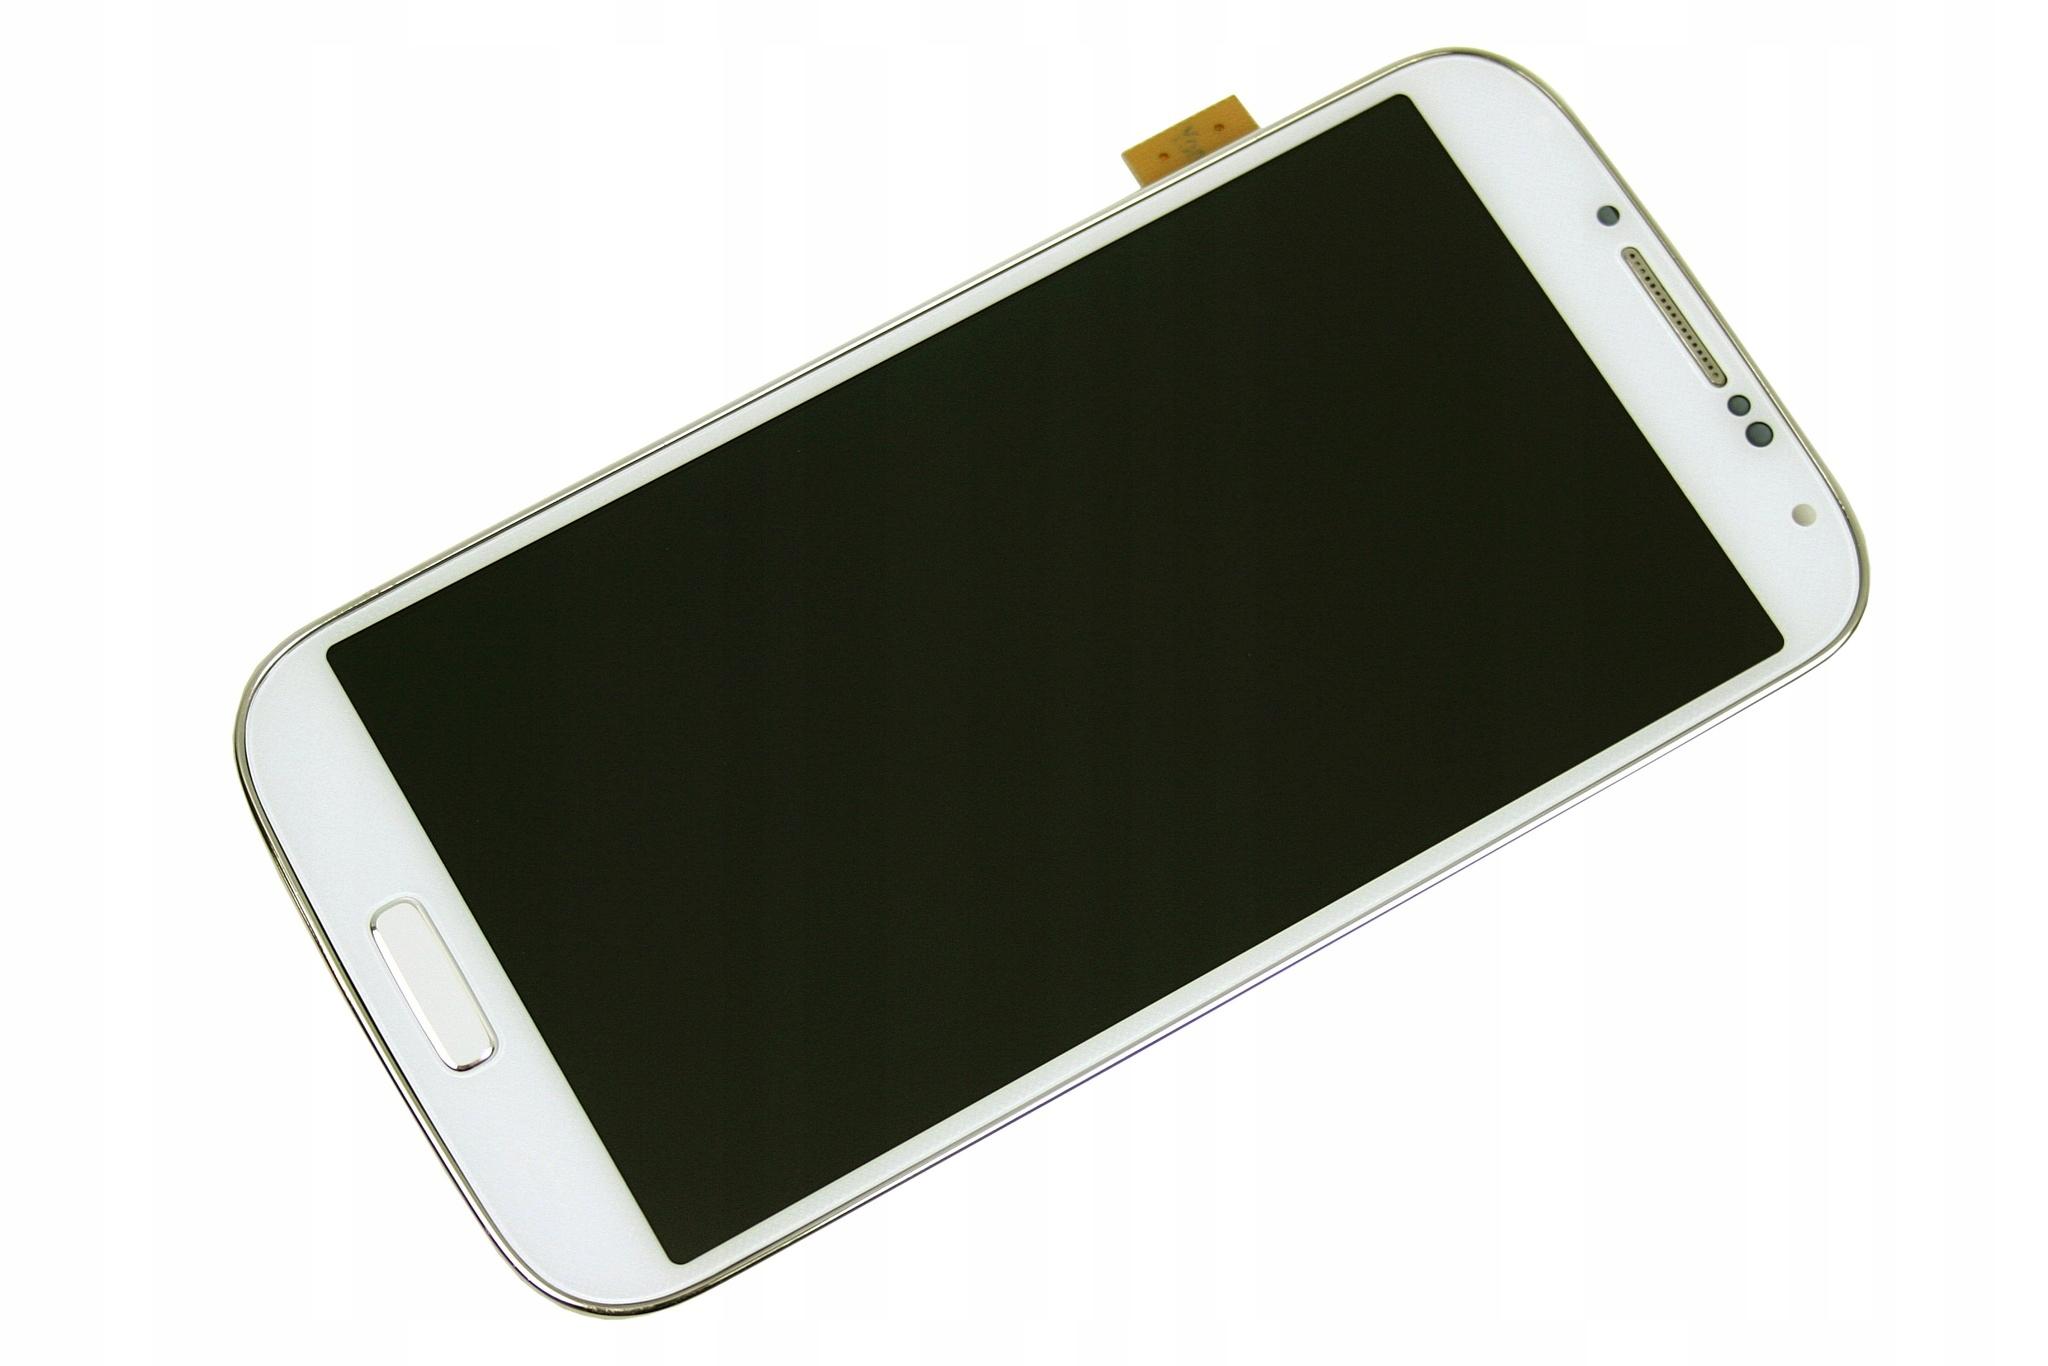 WYŚWIETLACZ LCD DO SAMSUNG GALAXY S4 GT-I9500